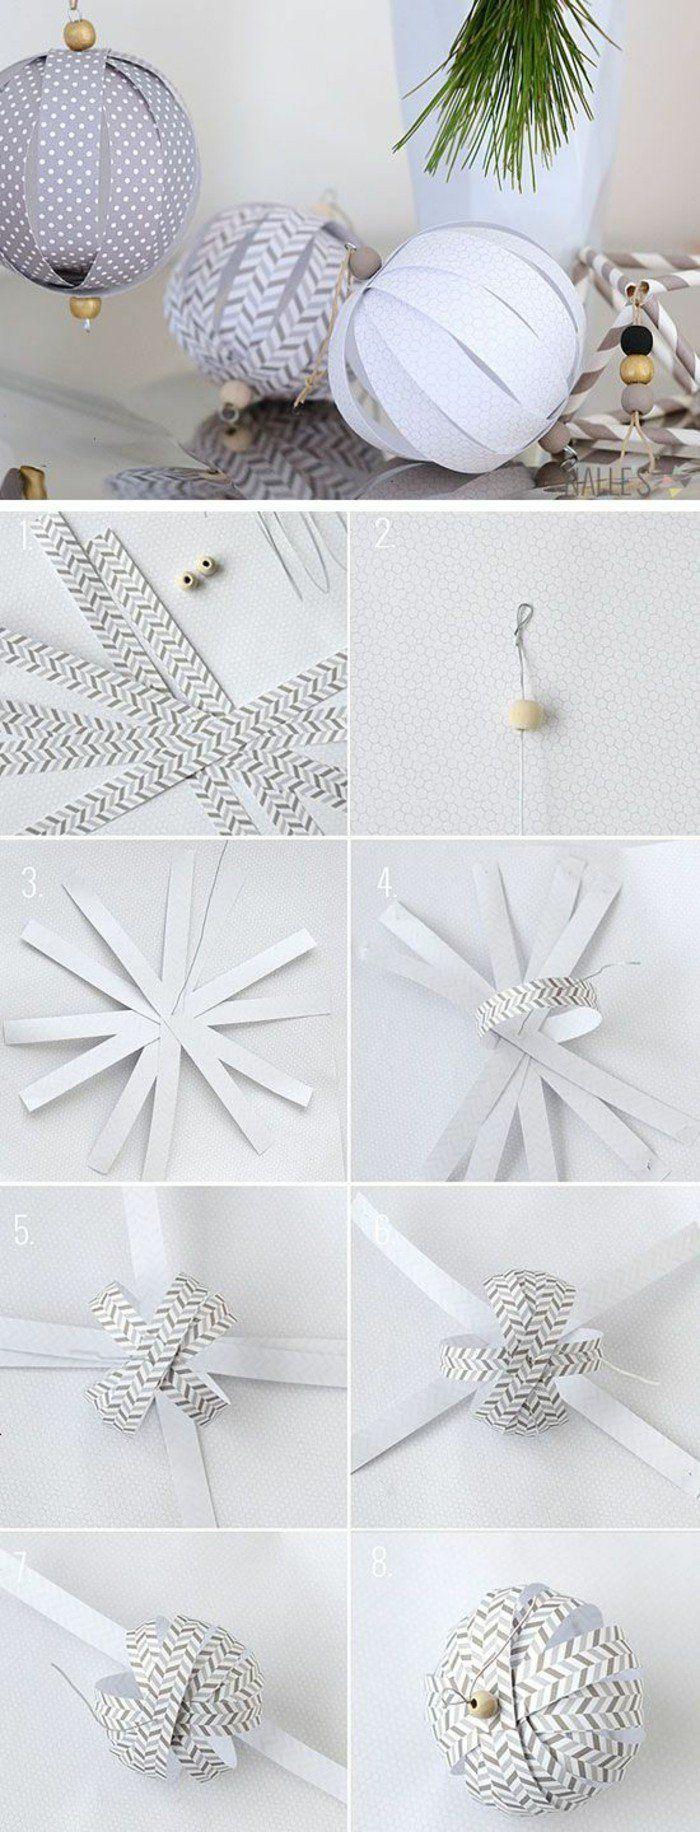 weihnachtsdekoration selber machen ideen und vorschl ge weihnachtsbastelei pinterest diy. Black Bedroom Furniture Sets. Home Design Ideas